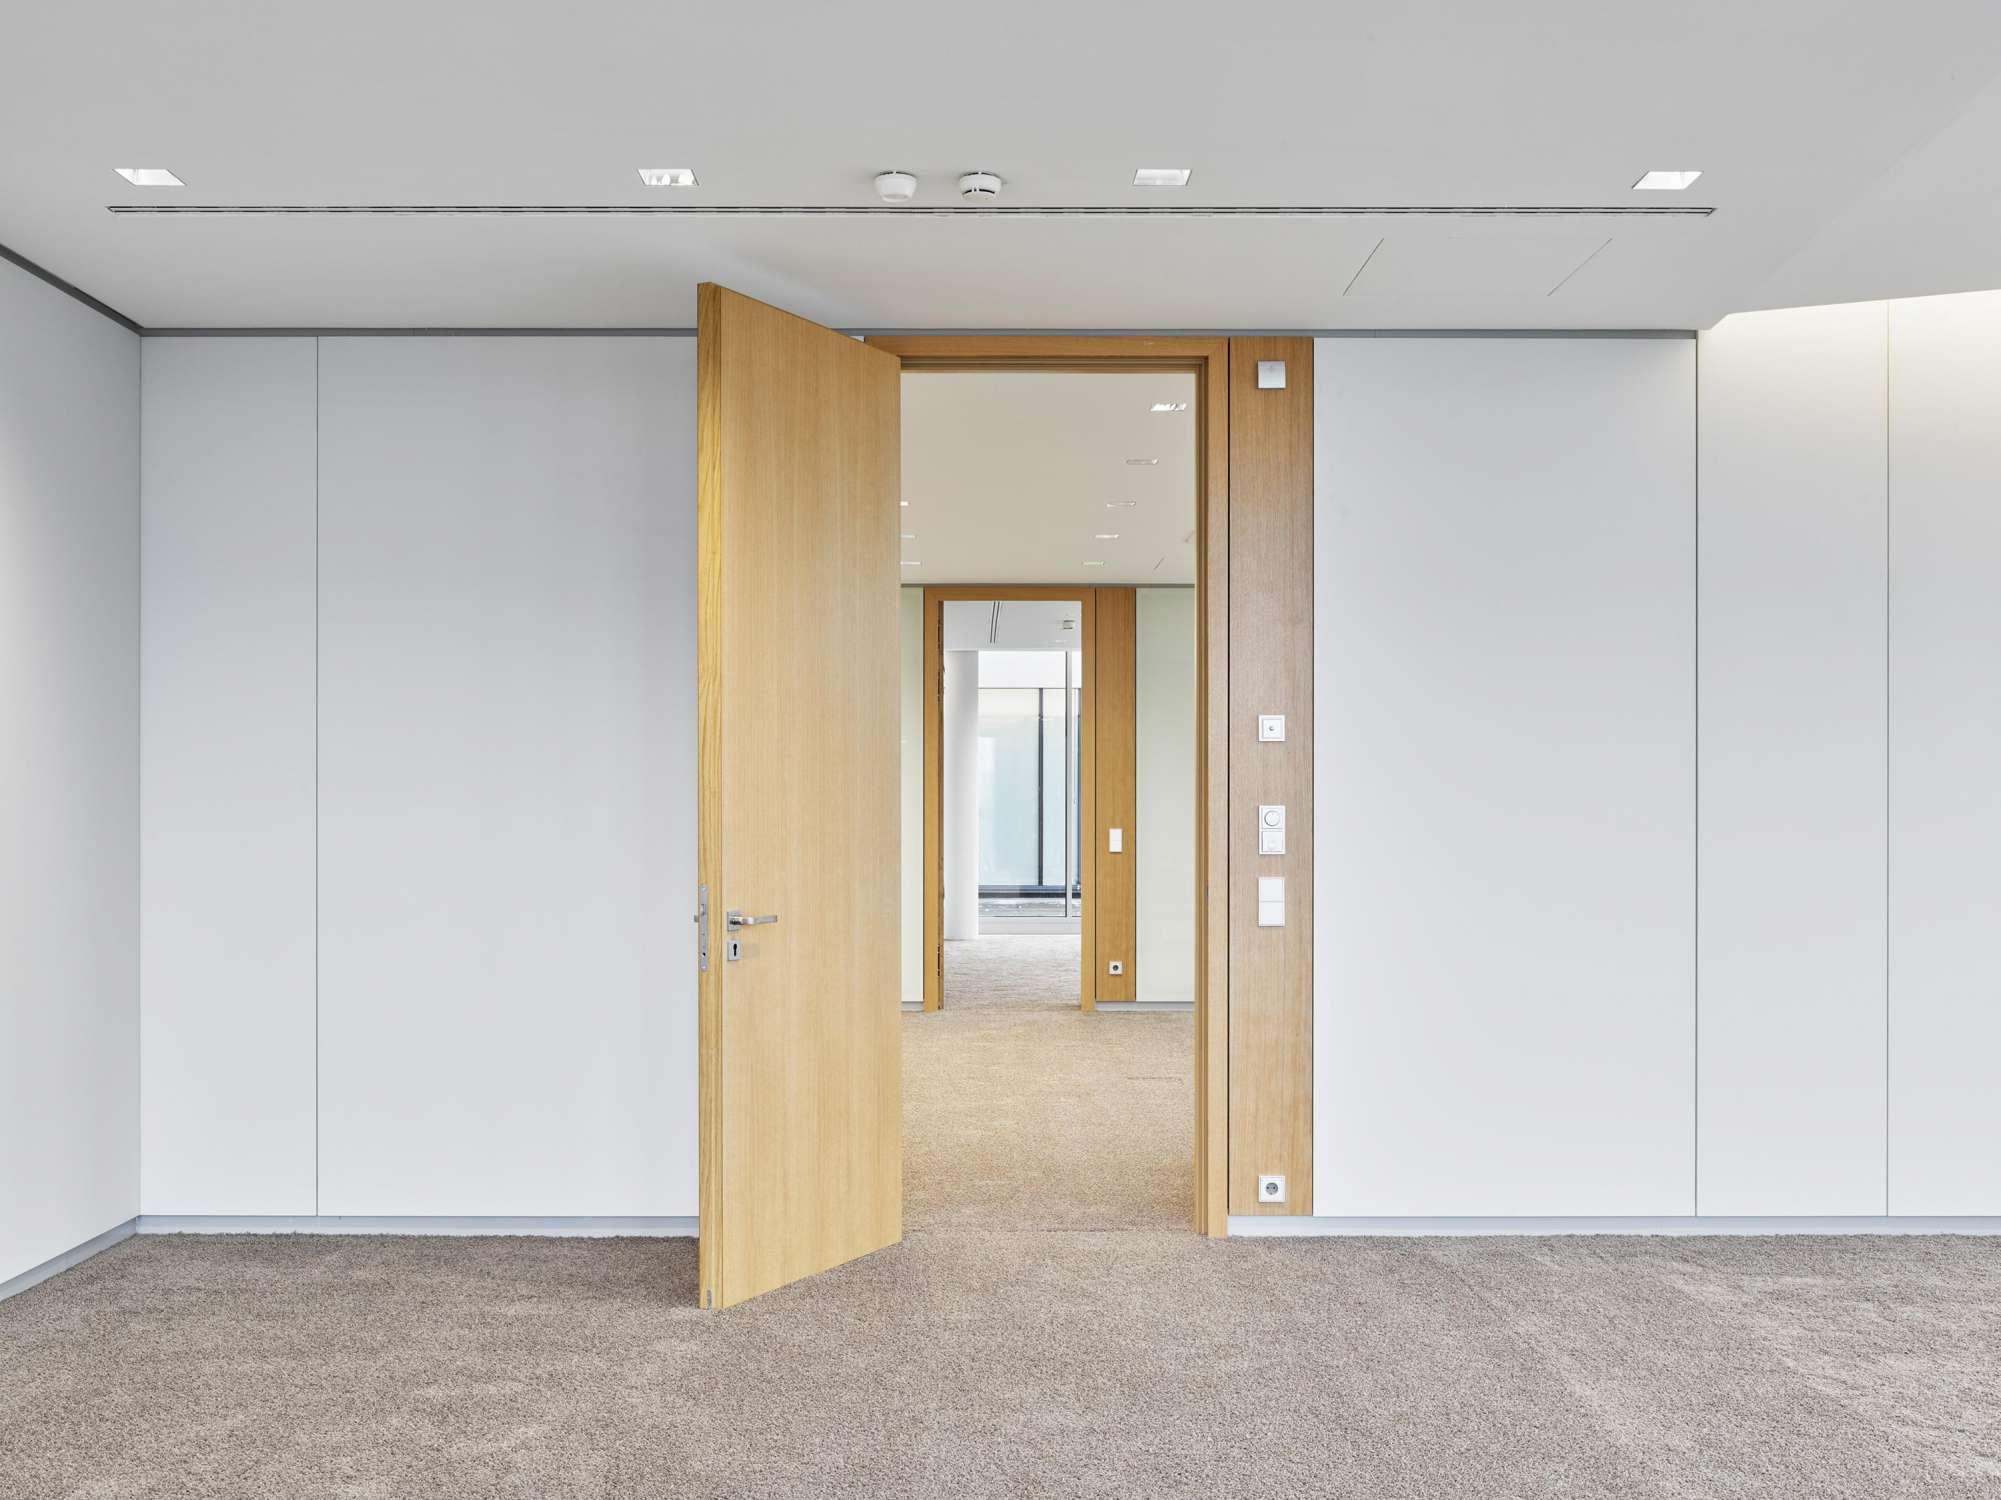 Büro- und Verwaltungsgebäude (9)